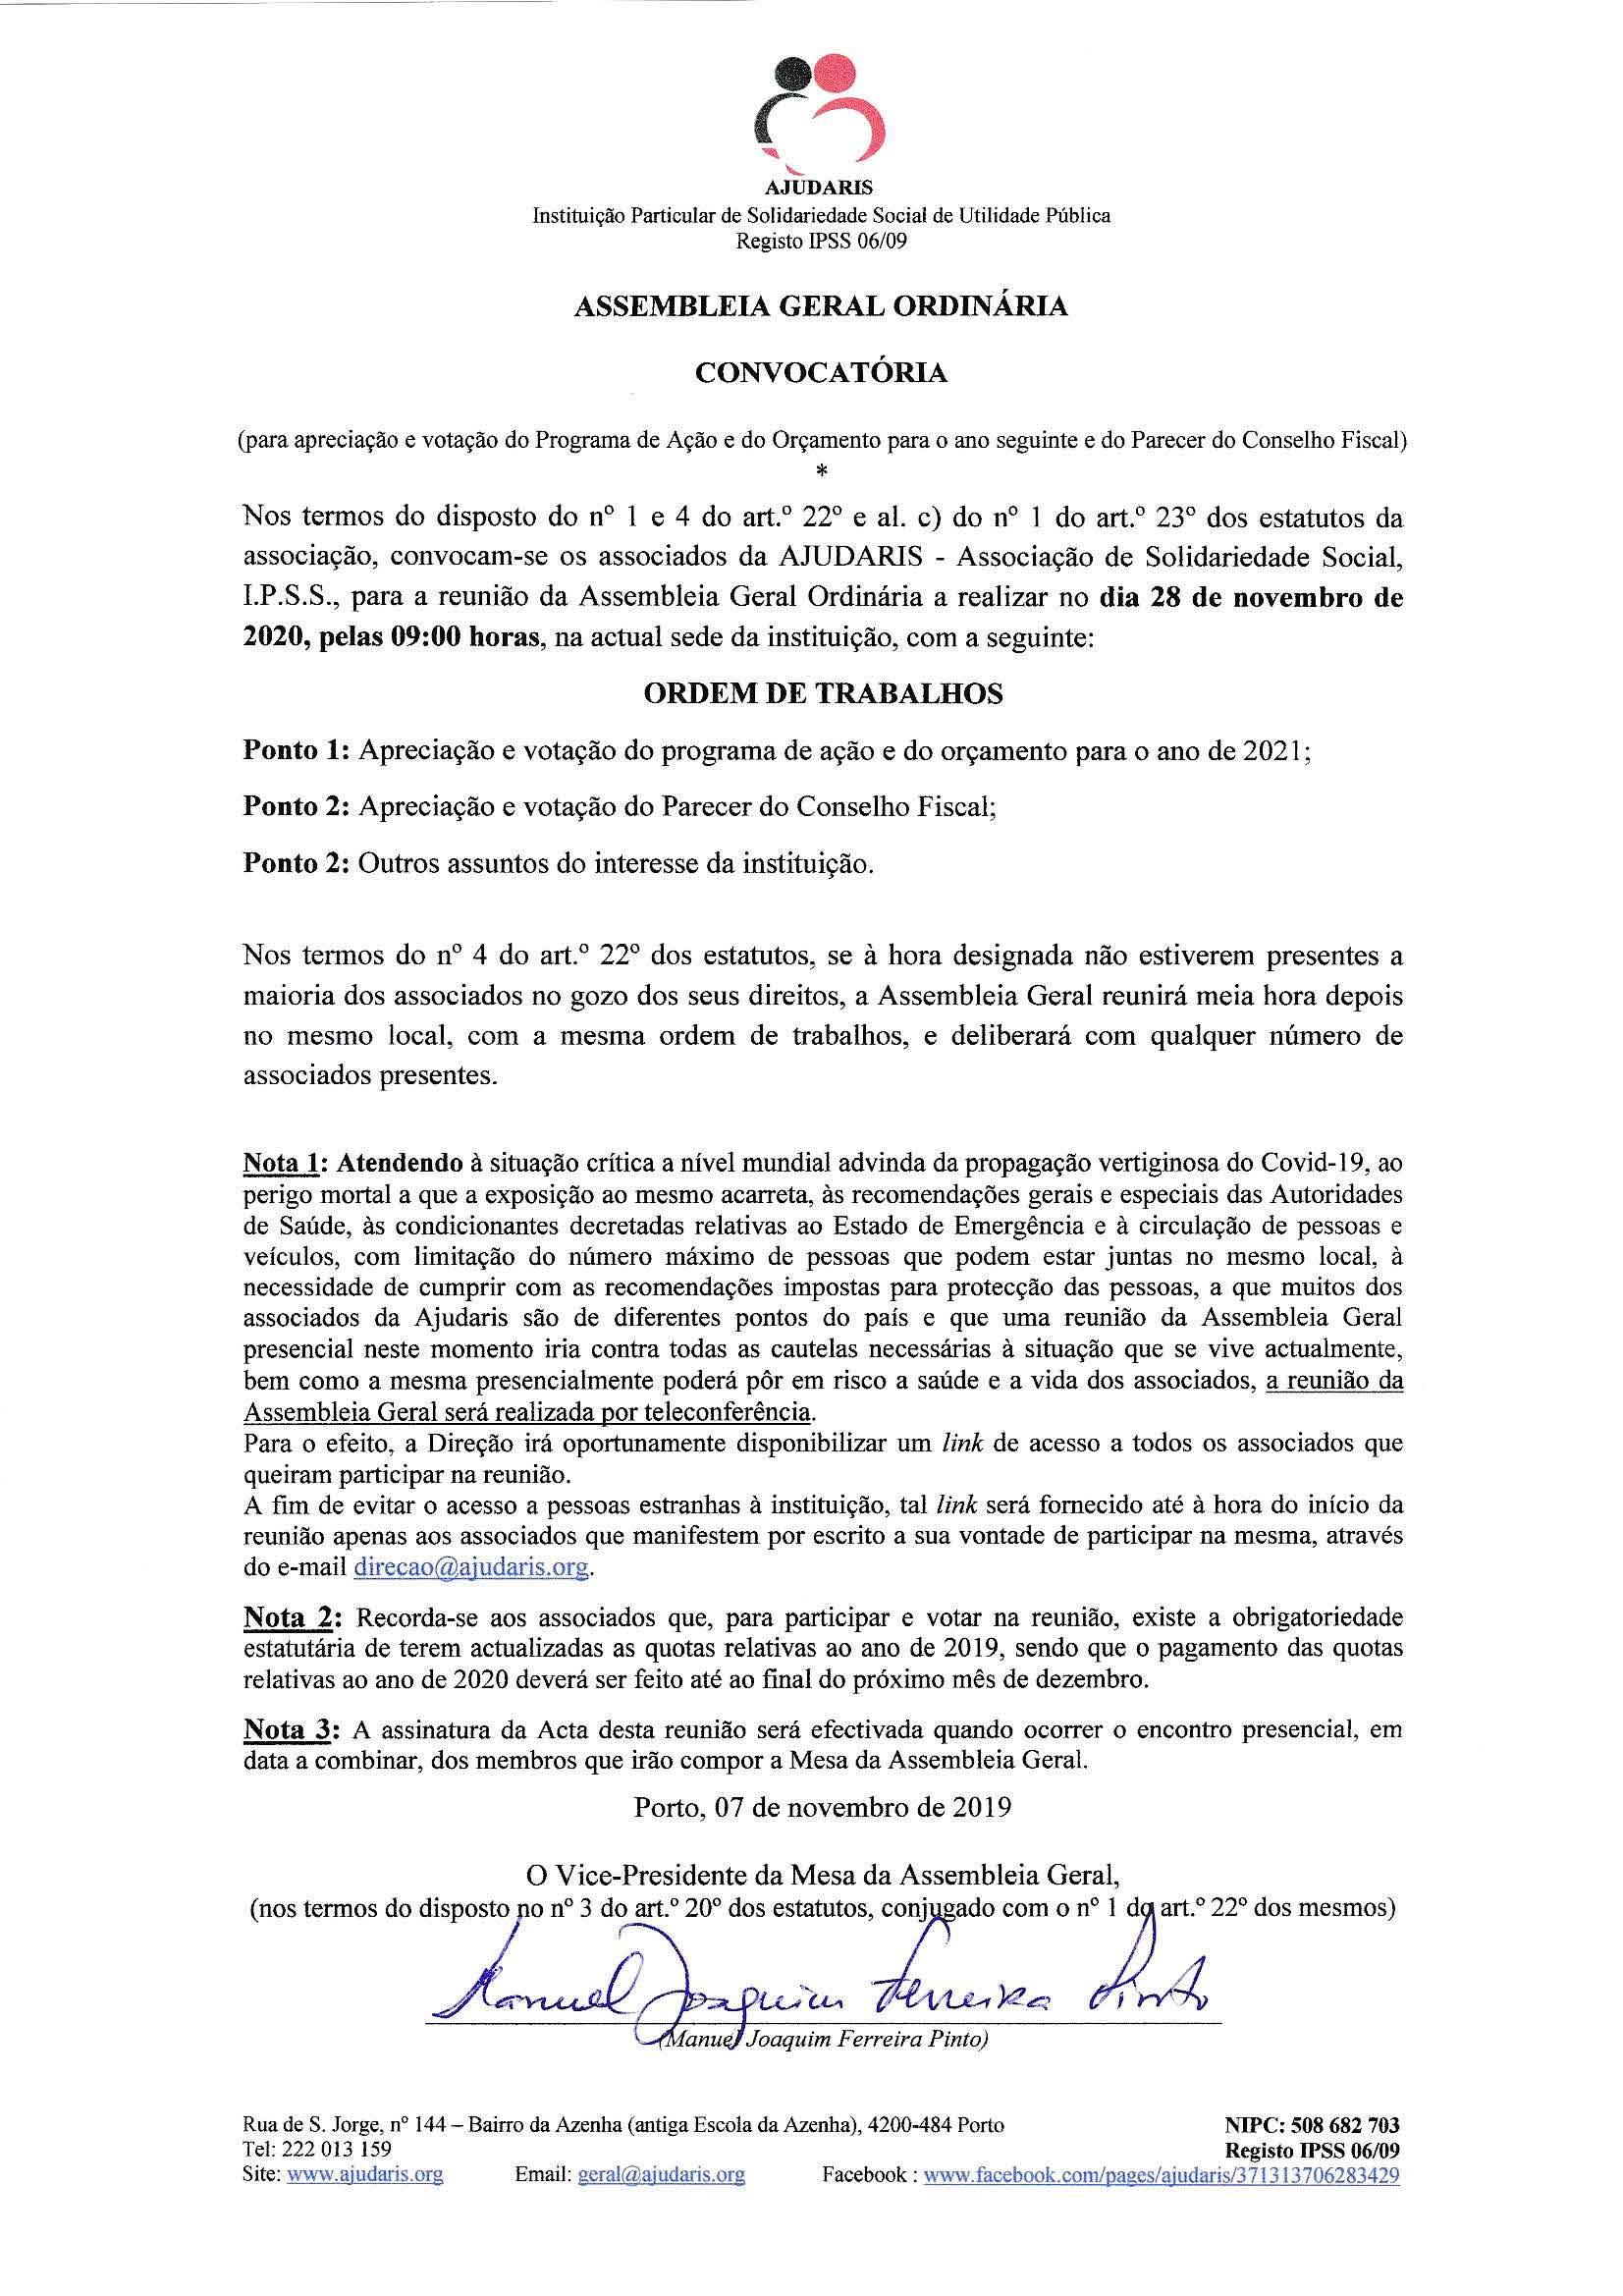 20201128-AG_Convocatória_Reunião_Ordinária-Programa_de_Acção_para_2021